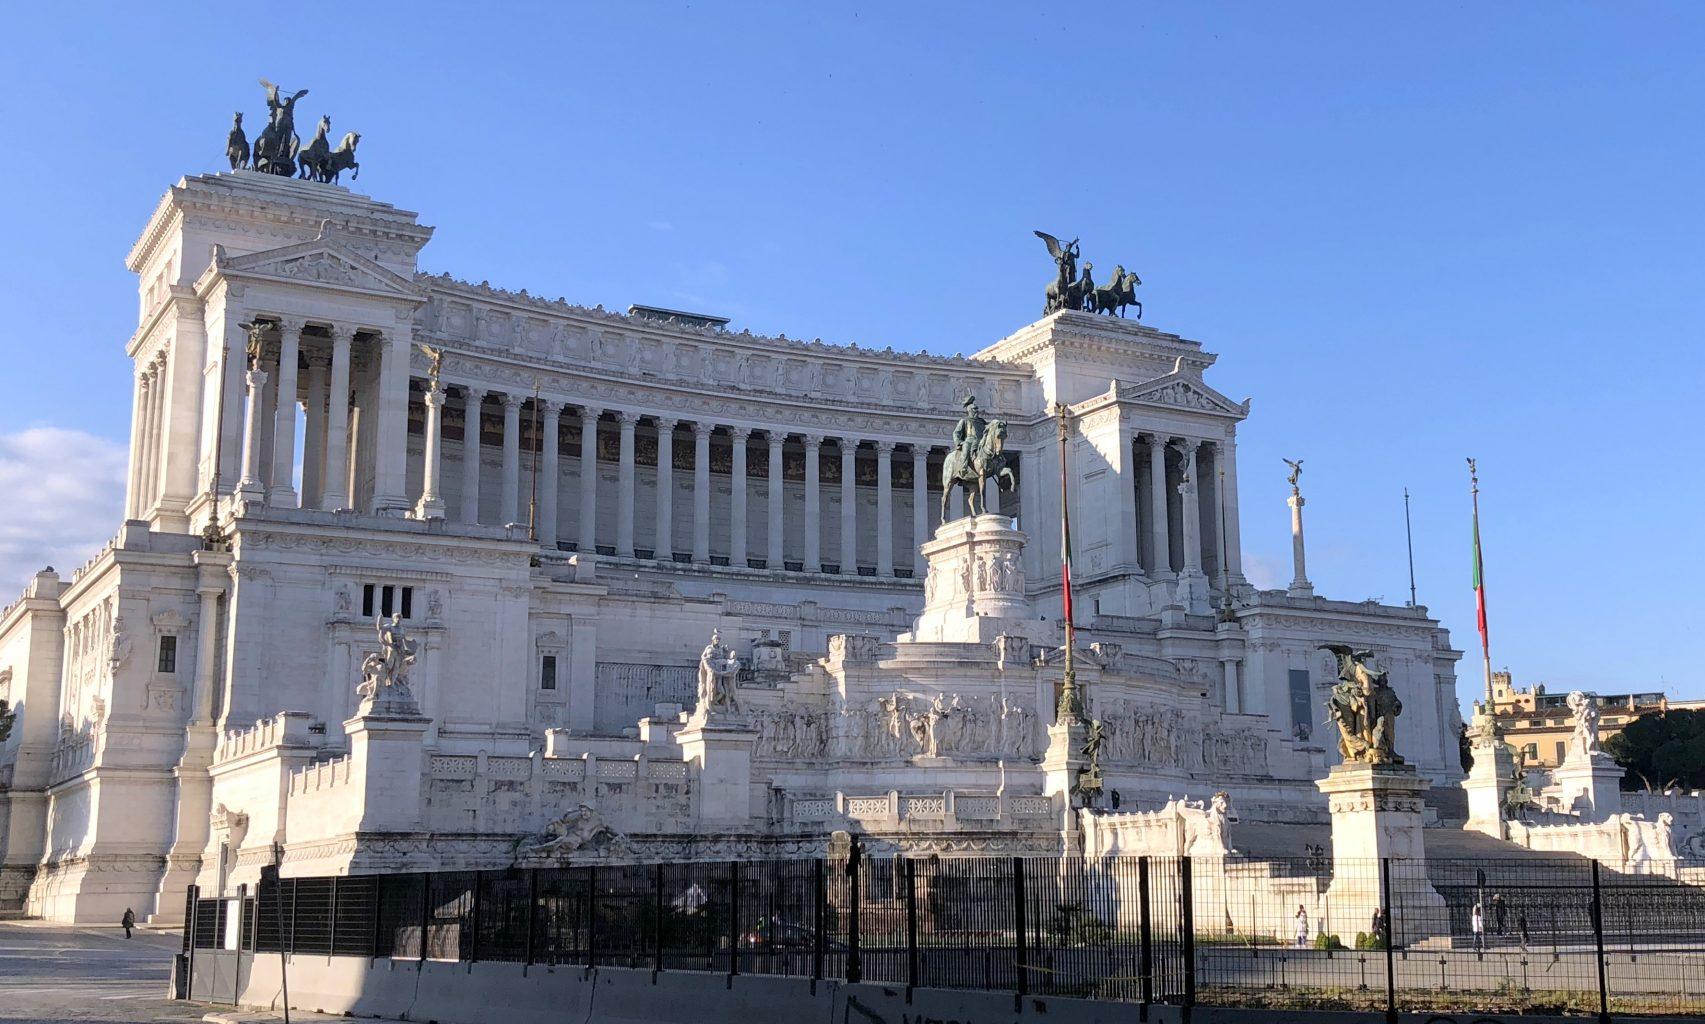 Monumento a Vittorio Emmanuele II. qué ver en Roma